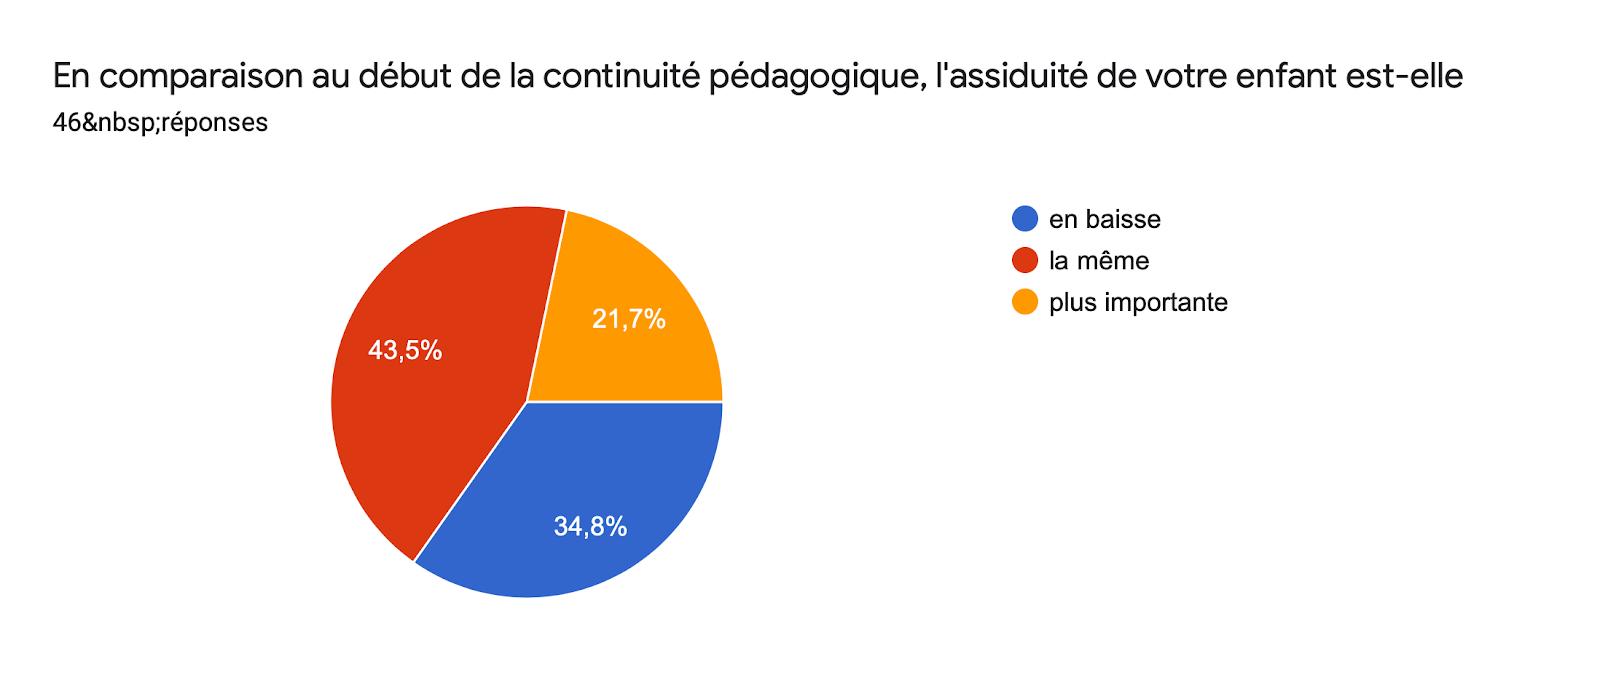 Tableau des réponses au formulaire Forms. Titre de la question: En comparaison au début de la continuité pédagogique, l'assiduité de votre enfant est-elle. Nombre de réponses: 46réponses.